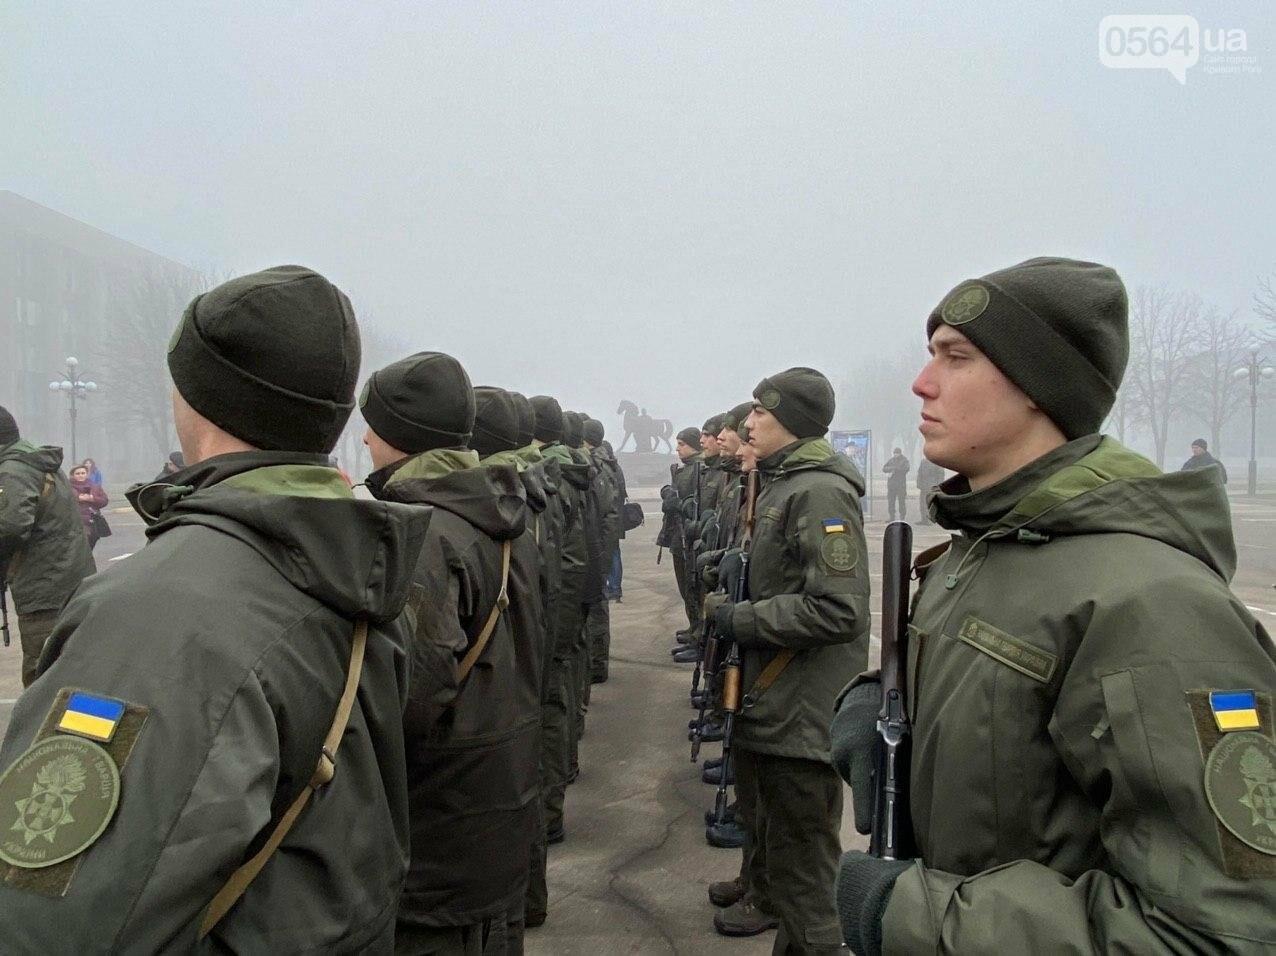 В Кривом Роге на верность украинскому народу присягнули 43 нацгвардейца, - ФОТО, ВИДЕО , фото-20